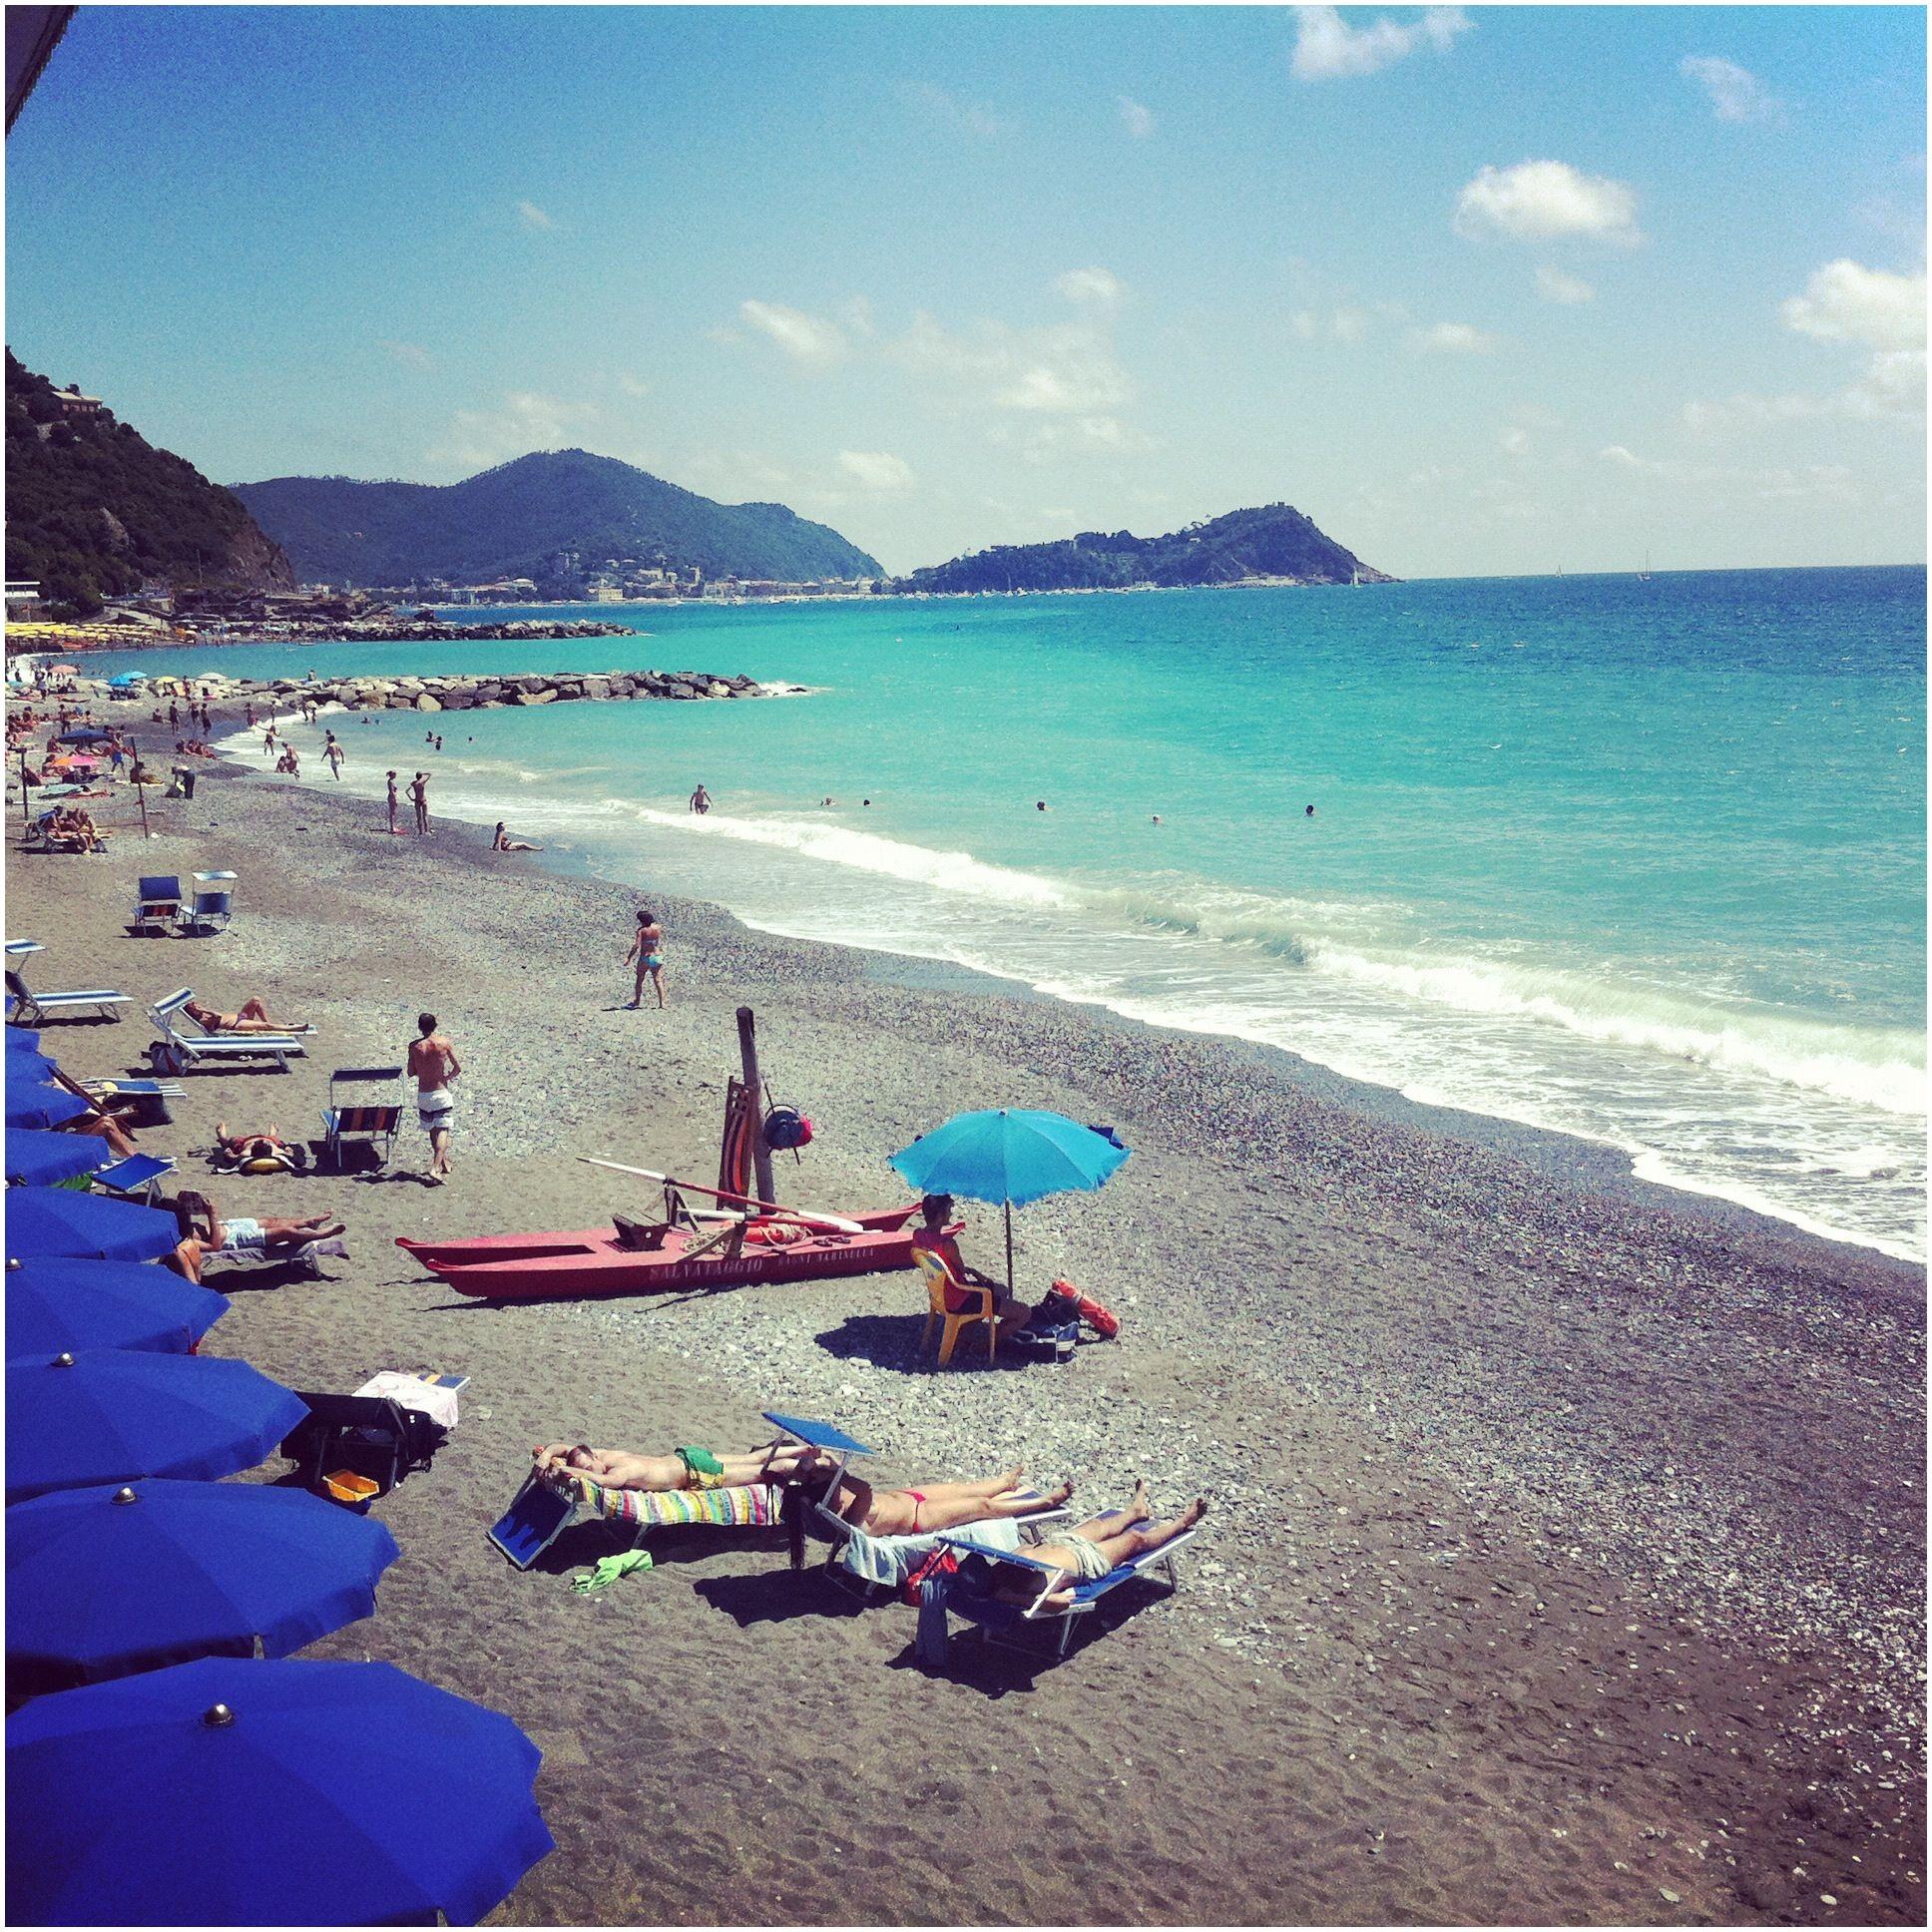 Lavagna beach Liguria Italy photo credits Livia Podestá lang=en